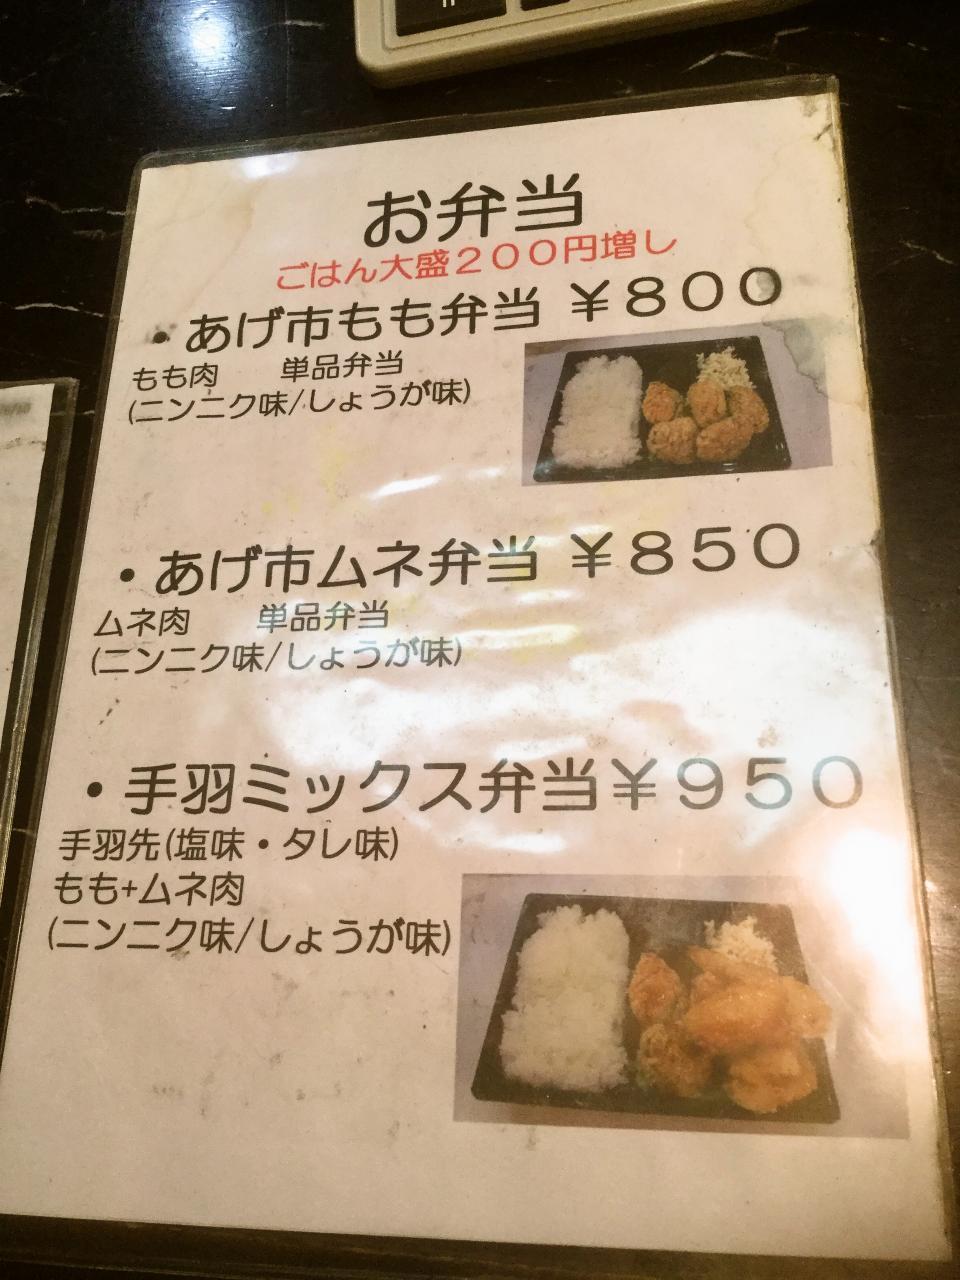 あげ市 鶴見店(持ち帰り)